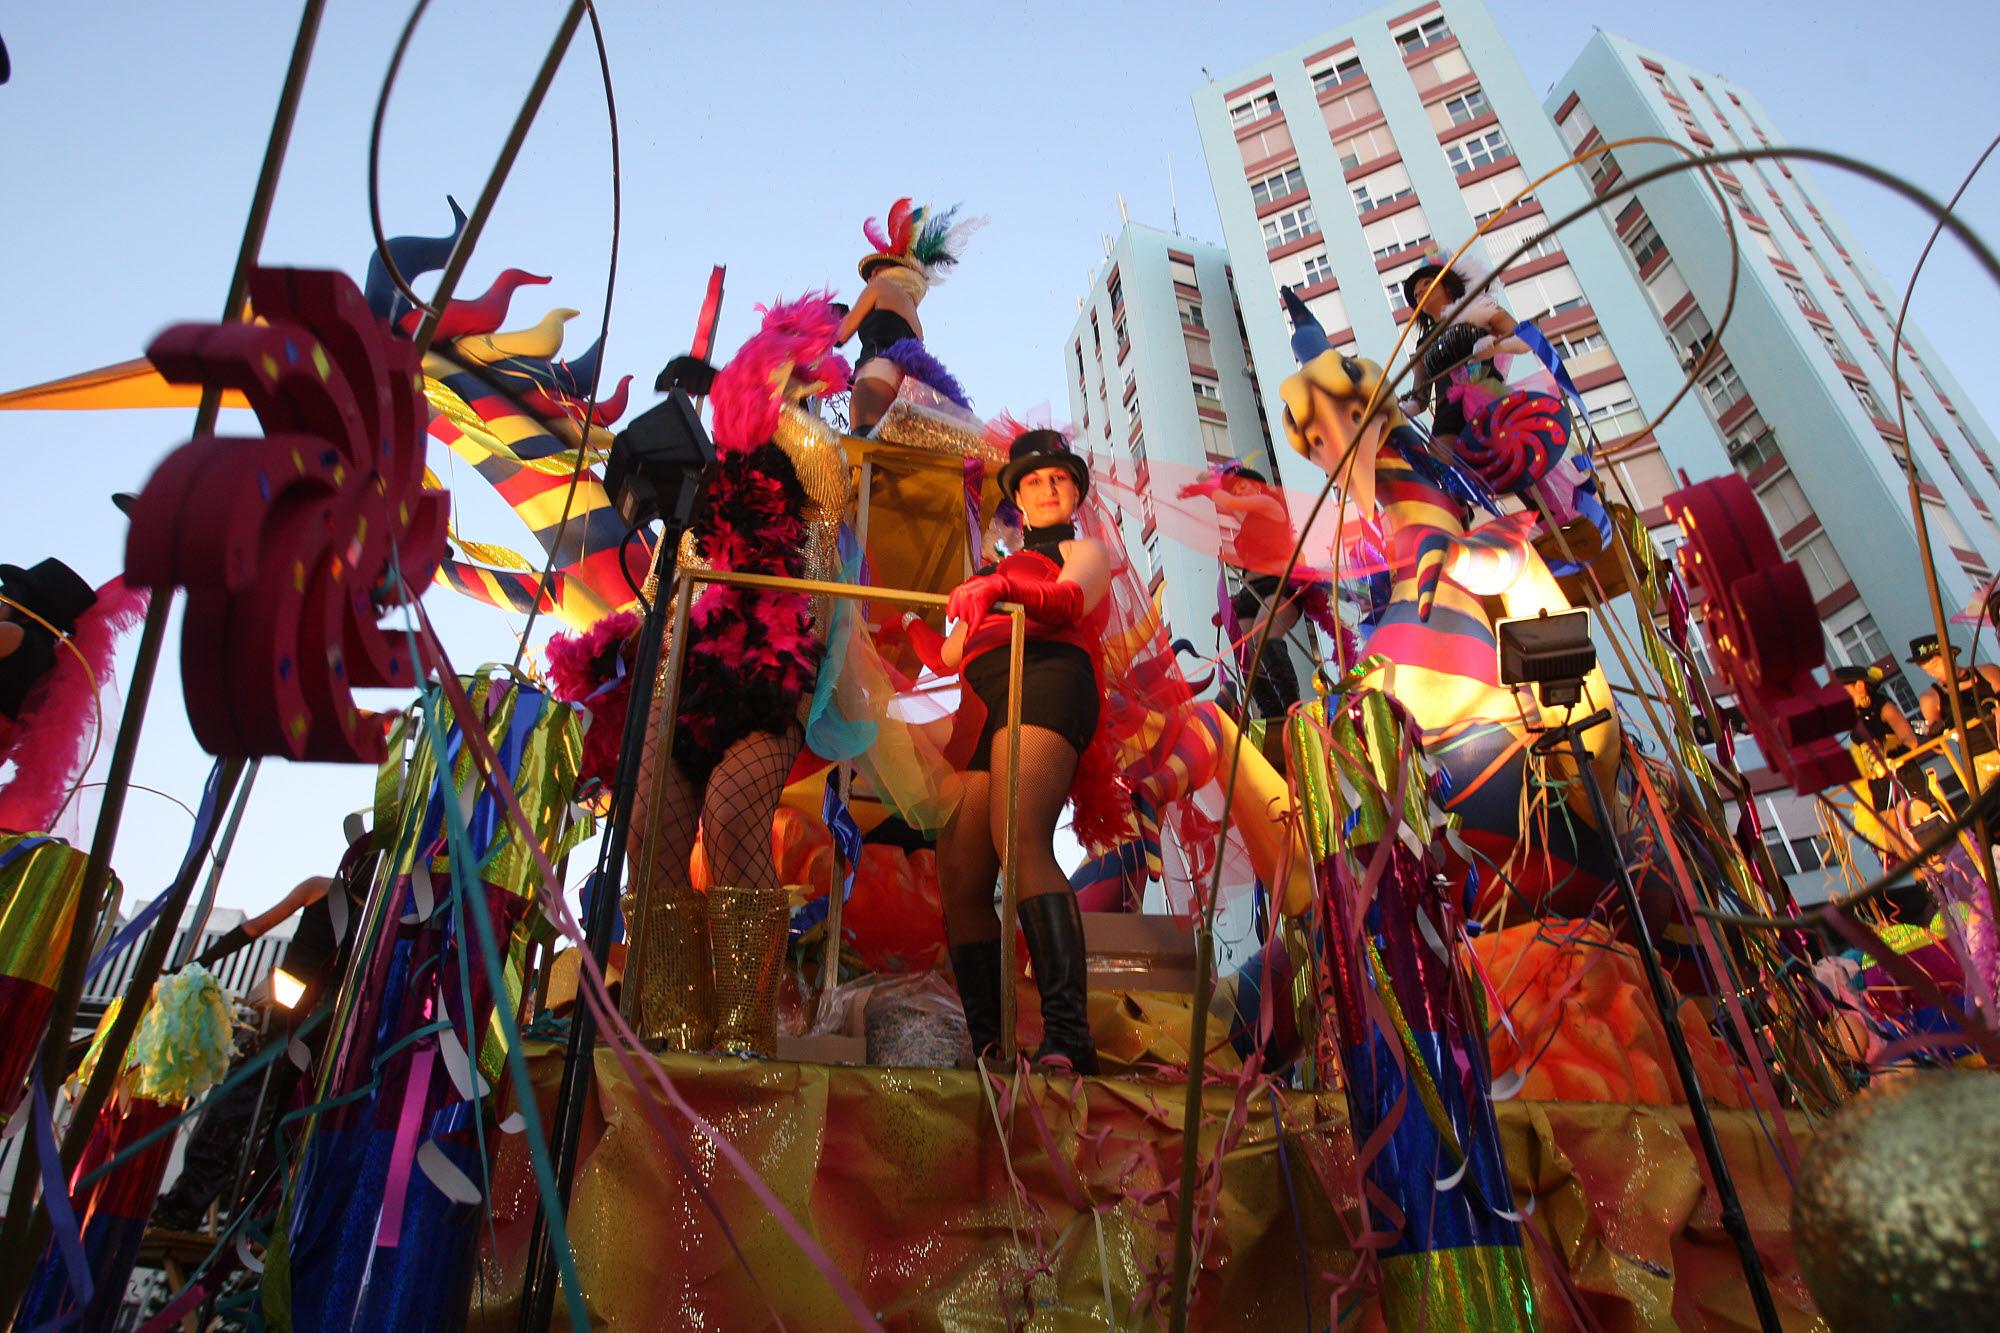 El Ayuntamiento prevé recuperar la Cabalgata del Humor para el próximo Carnaval